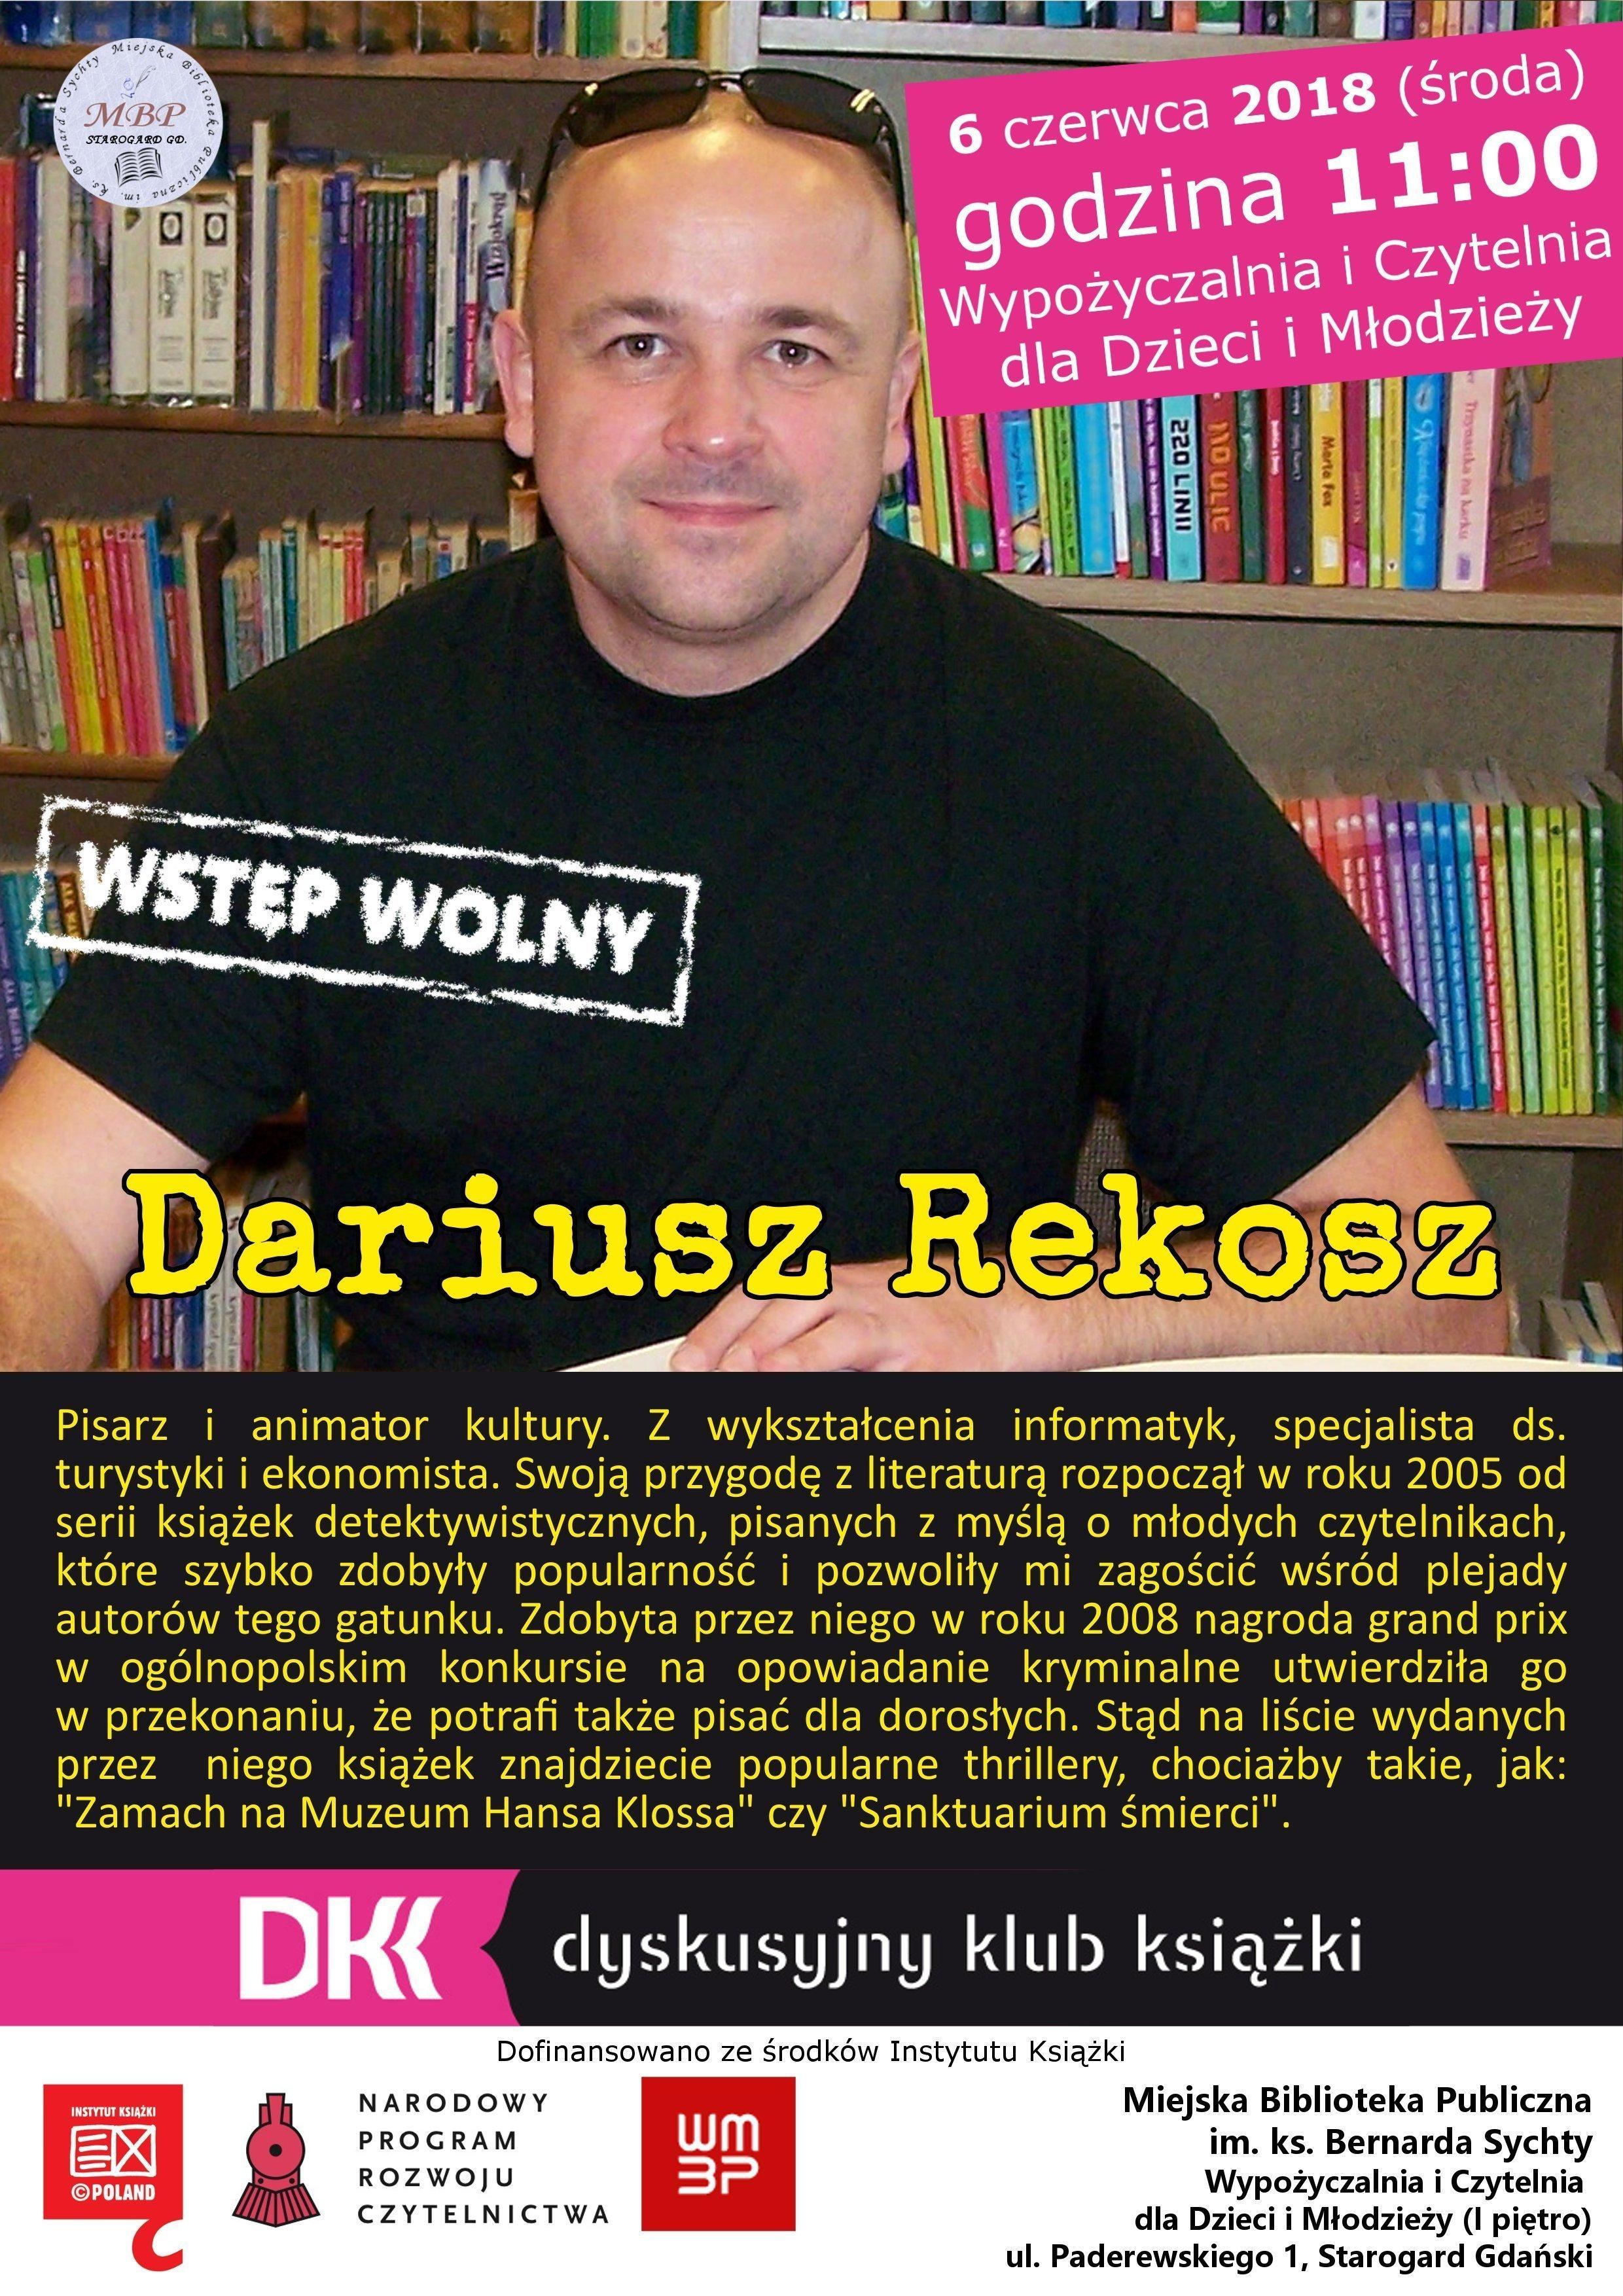 Dyskusyjny Klub Książki - spotkanie z Dariuszem Rekoszem